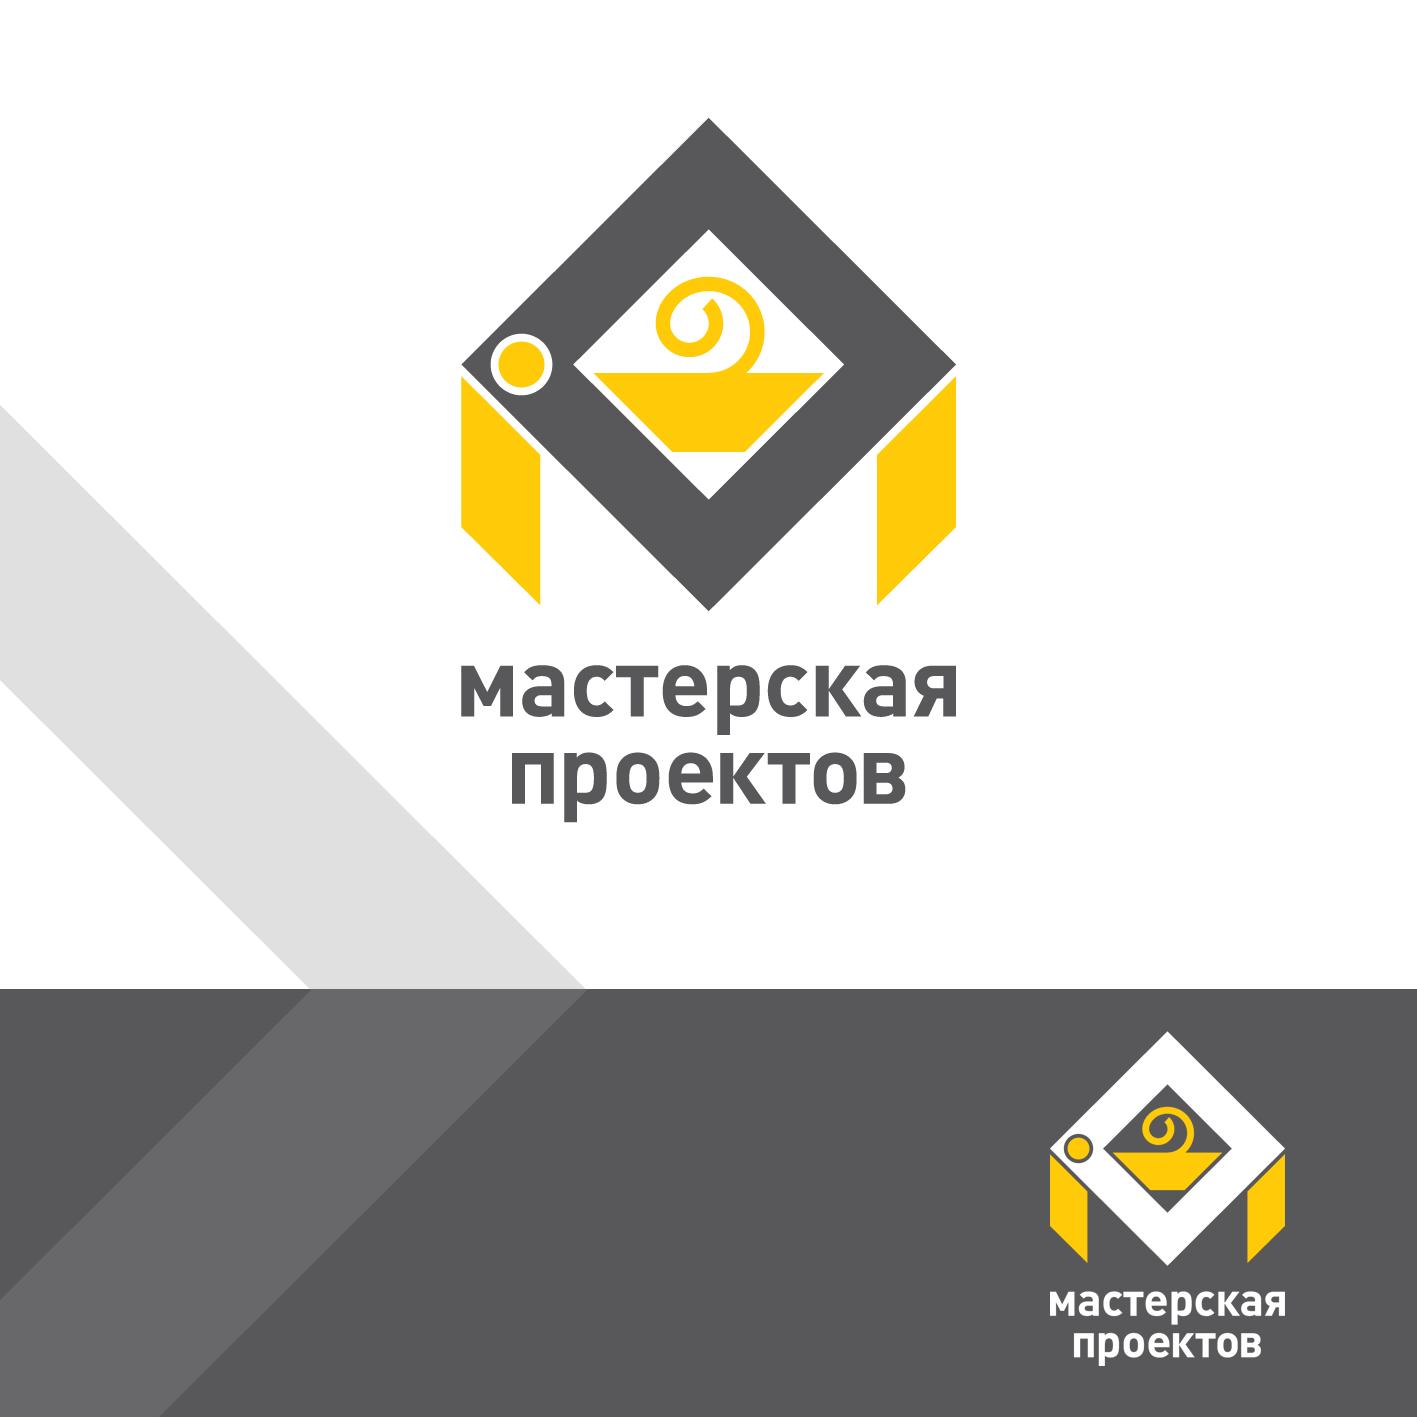 Разработка логотипа строительно-мебельного проекта (см. опис фото f_360606d6b2d93c10.png